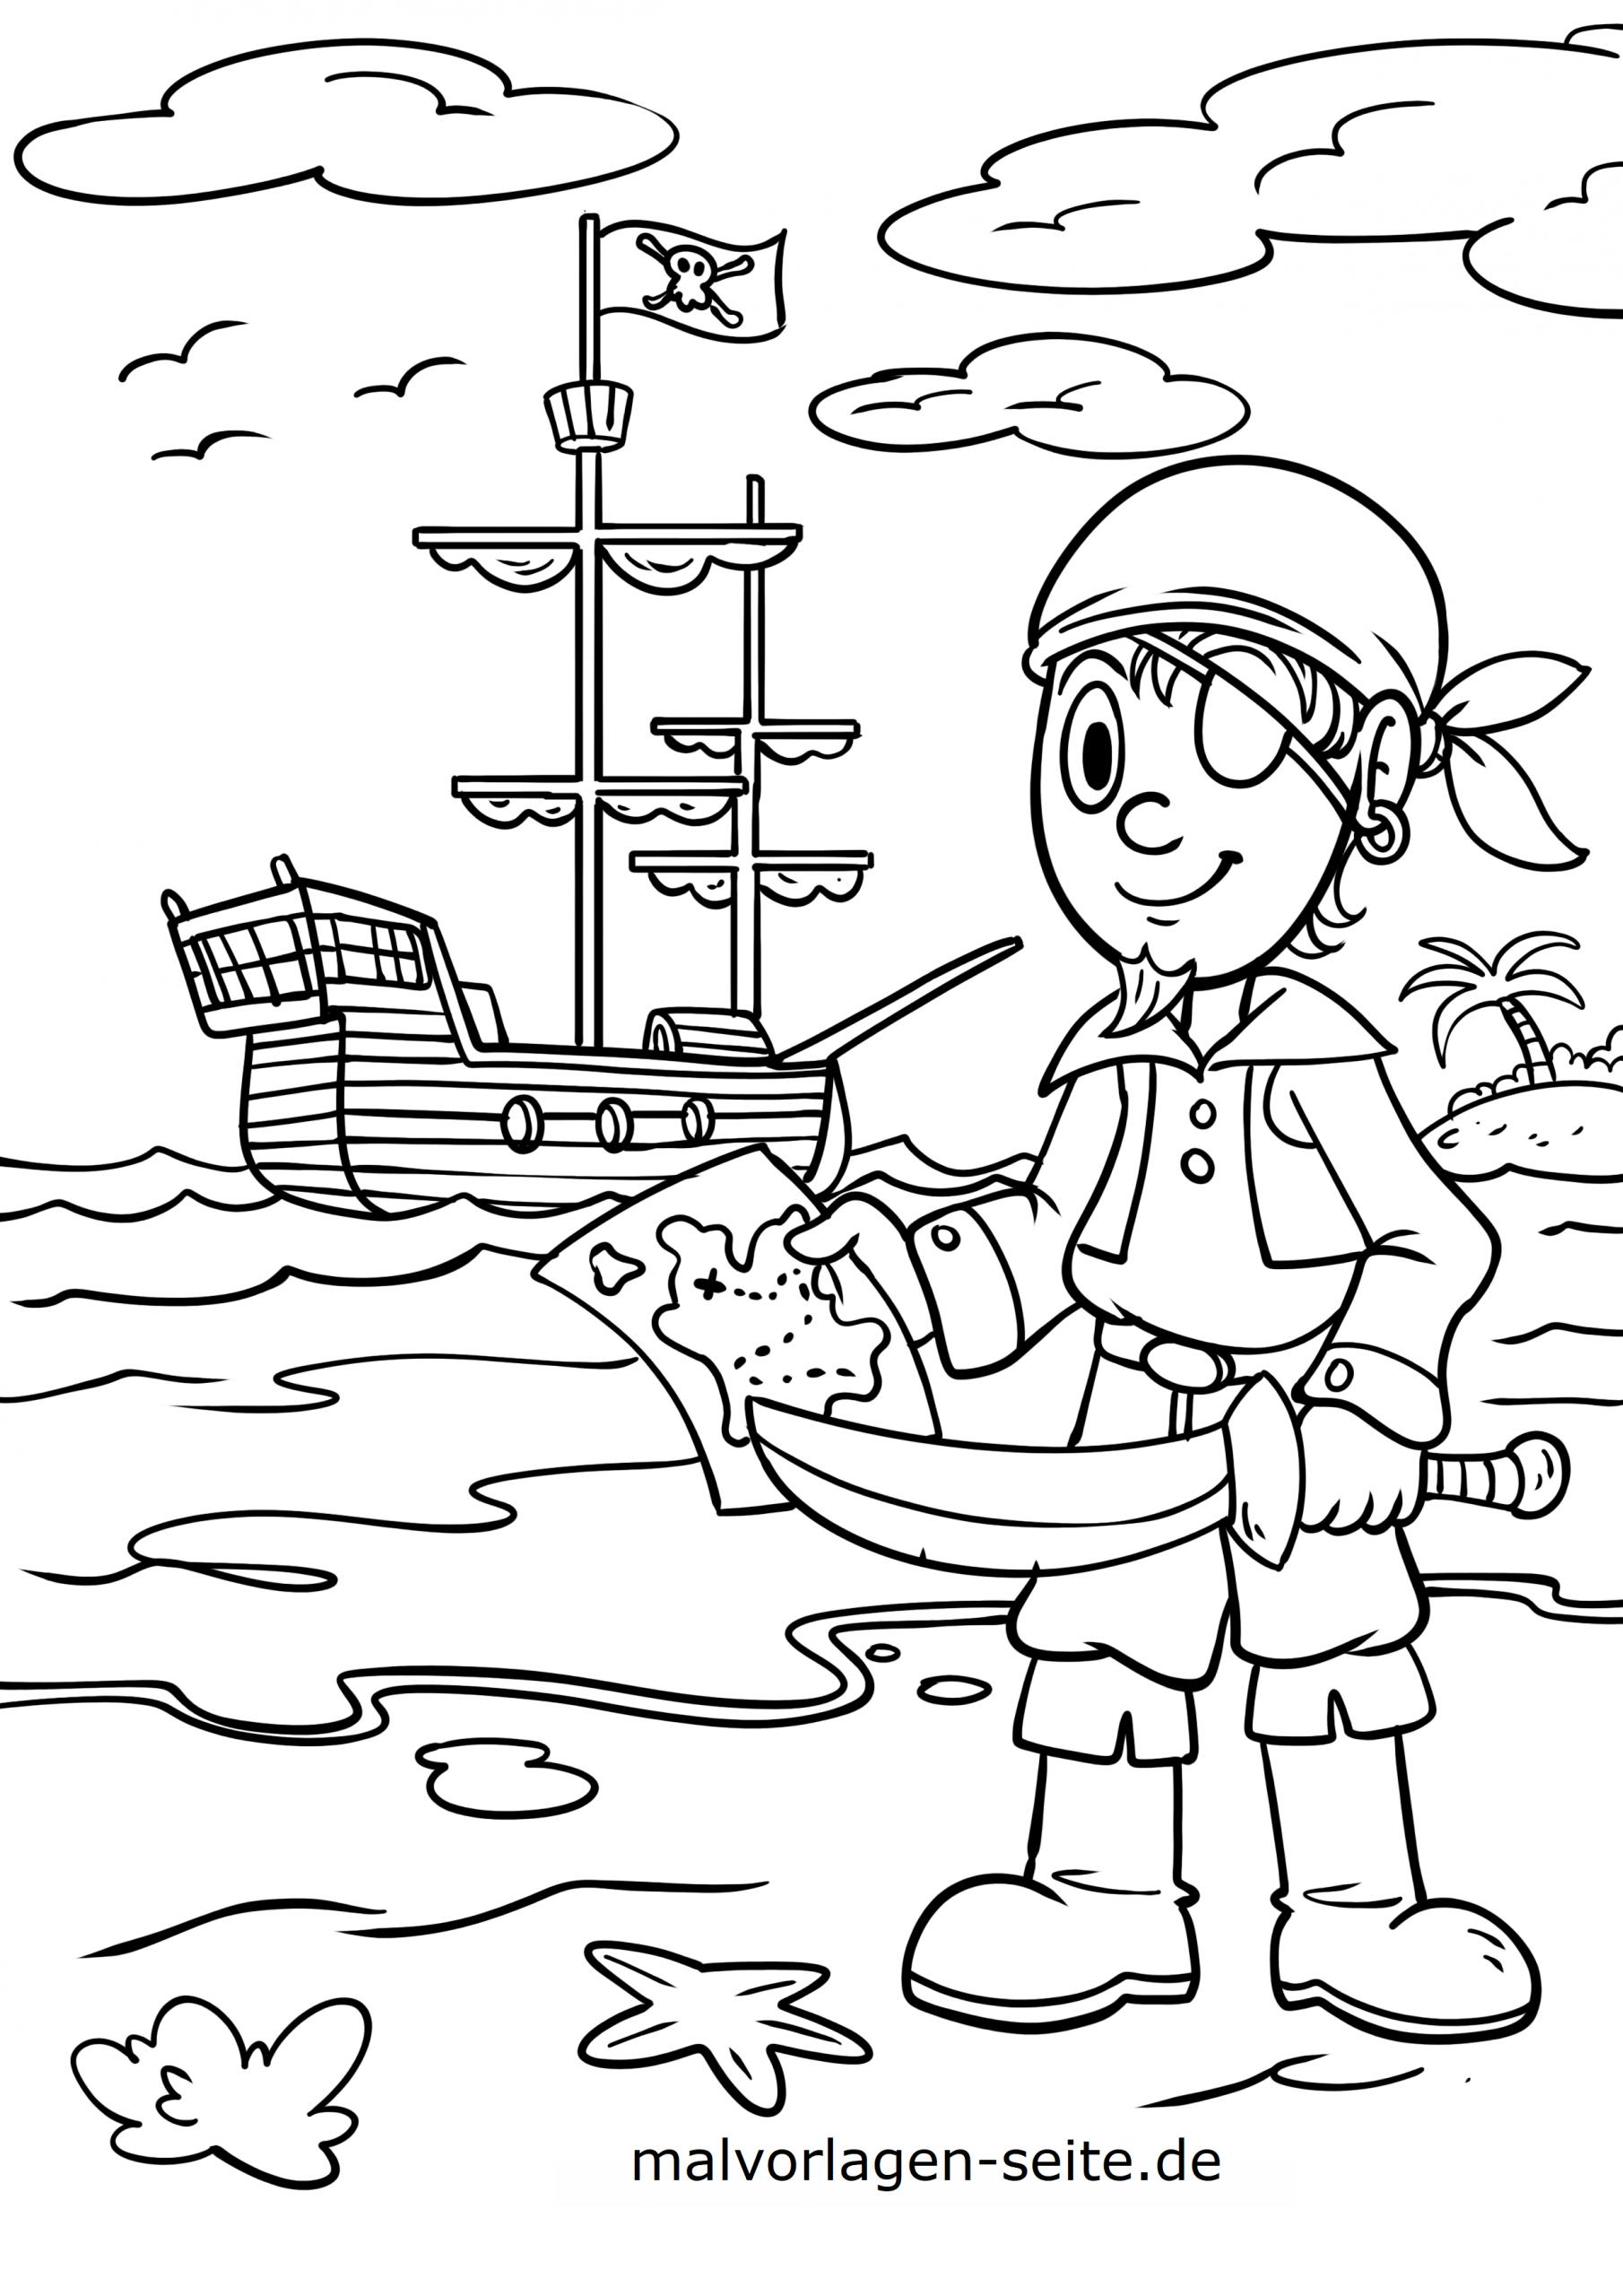 Malvorlage Pirat - Ausmalbilder Kostenlos Herunterladen in Malvorlagen Piraten